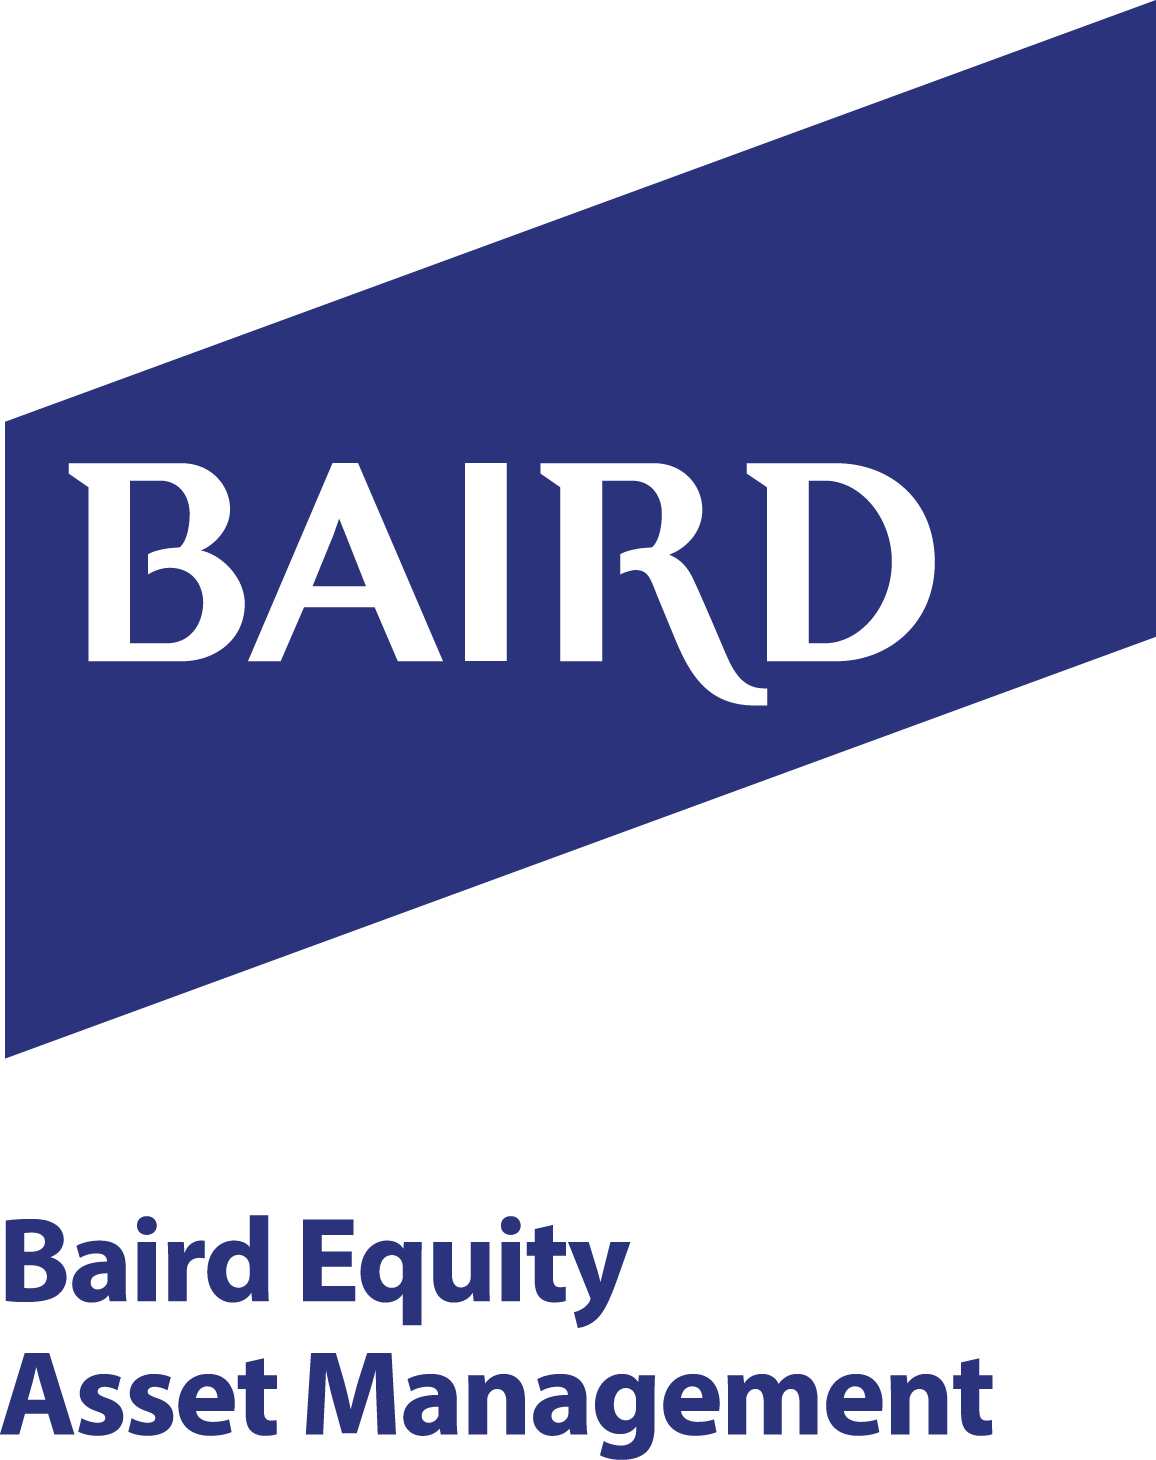 Baird Equity Asset Management